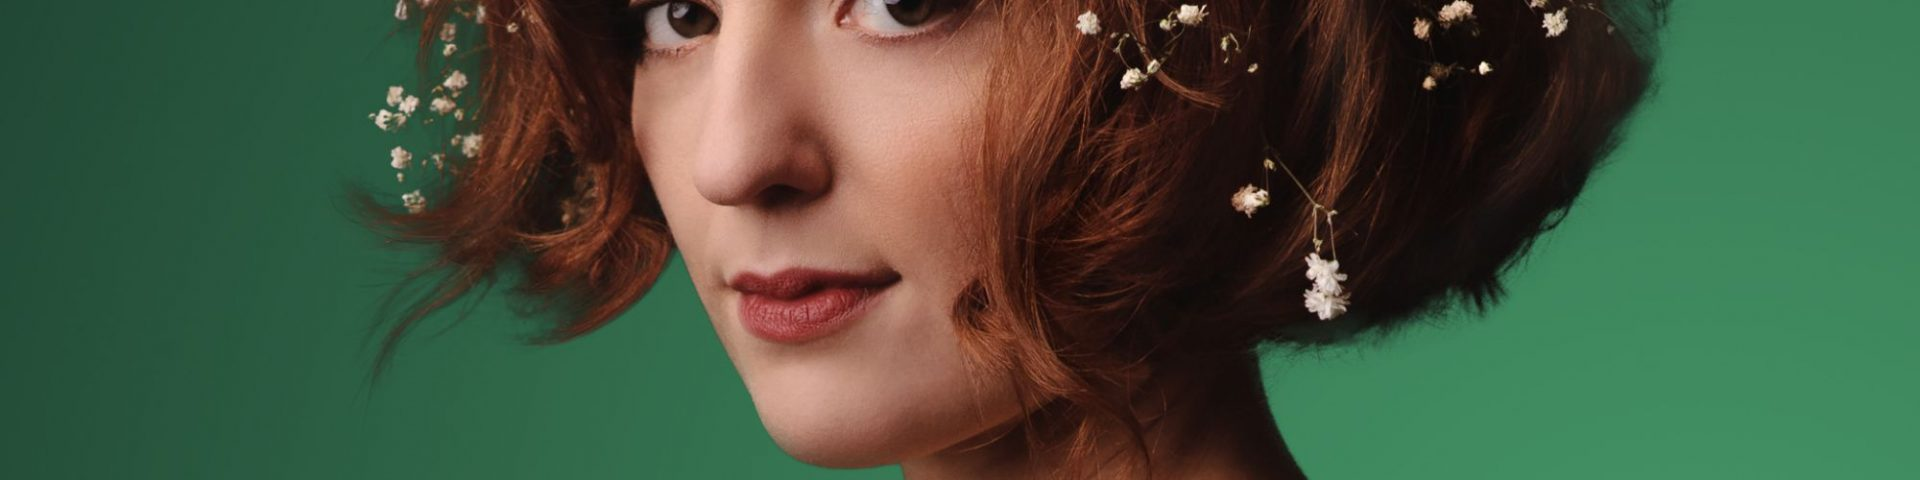 Maria Antonietta, ecco chi è la cantante ospite a Sanremo 2020